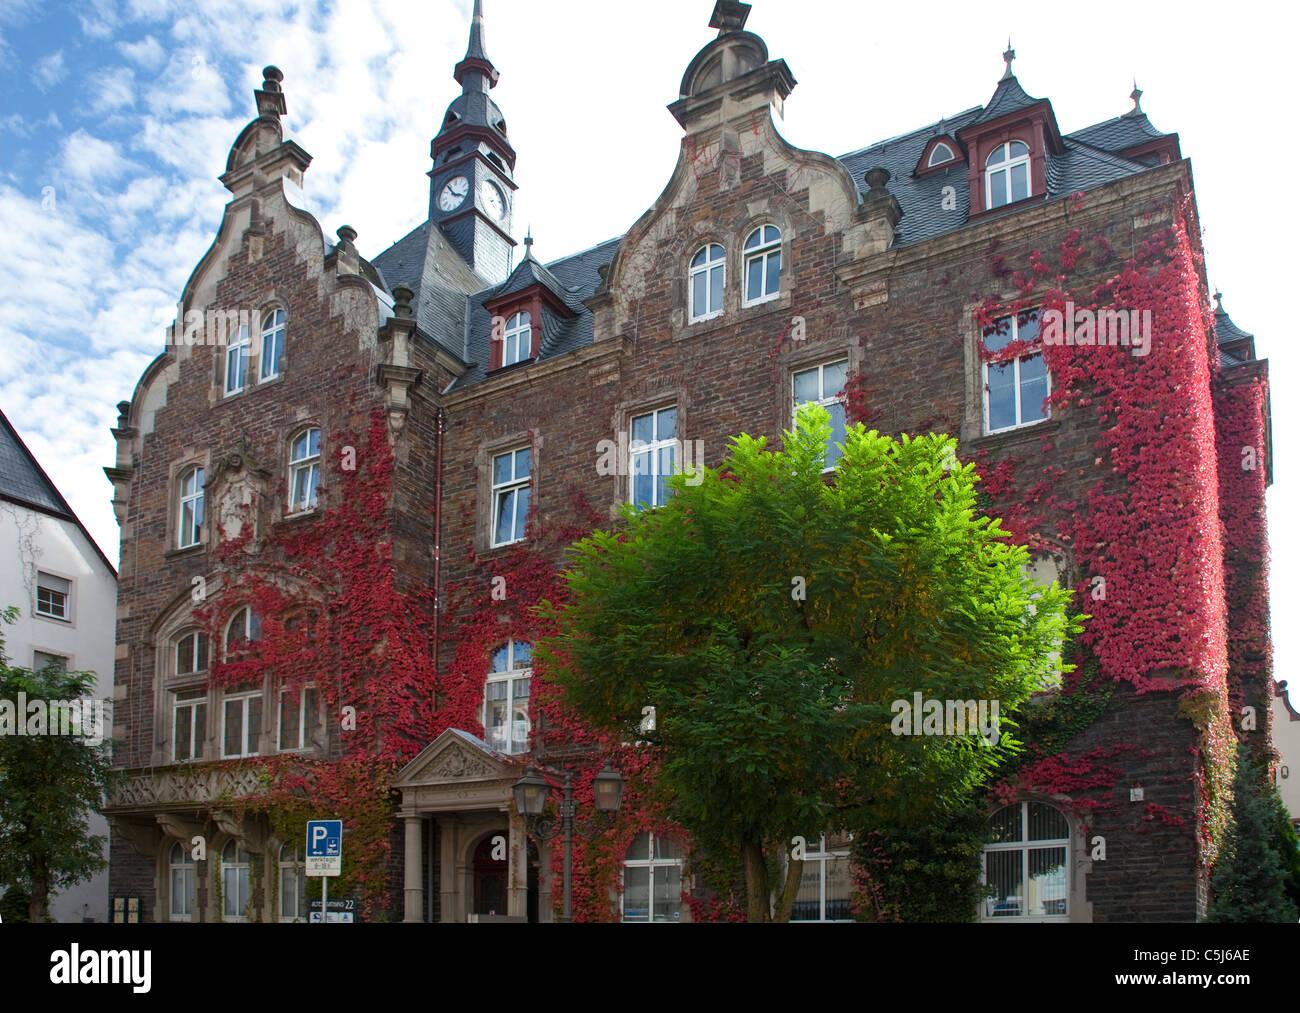 Rathaus in Herbstfarben, Massivbau von Ferdinand Nebel, Klassizismus, Mosel, Rathaus, geplant, Dächer, Herbstfärbung, Stockbild